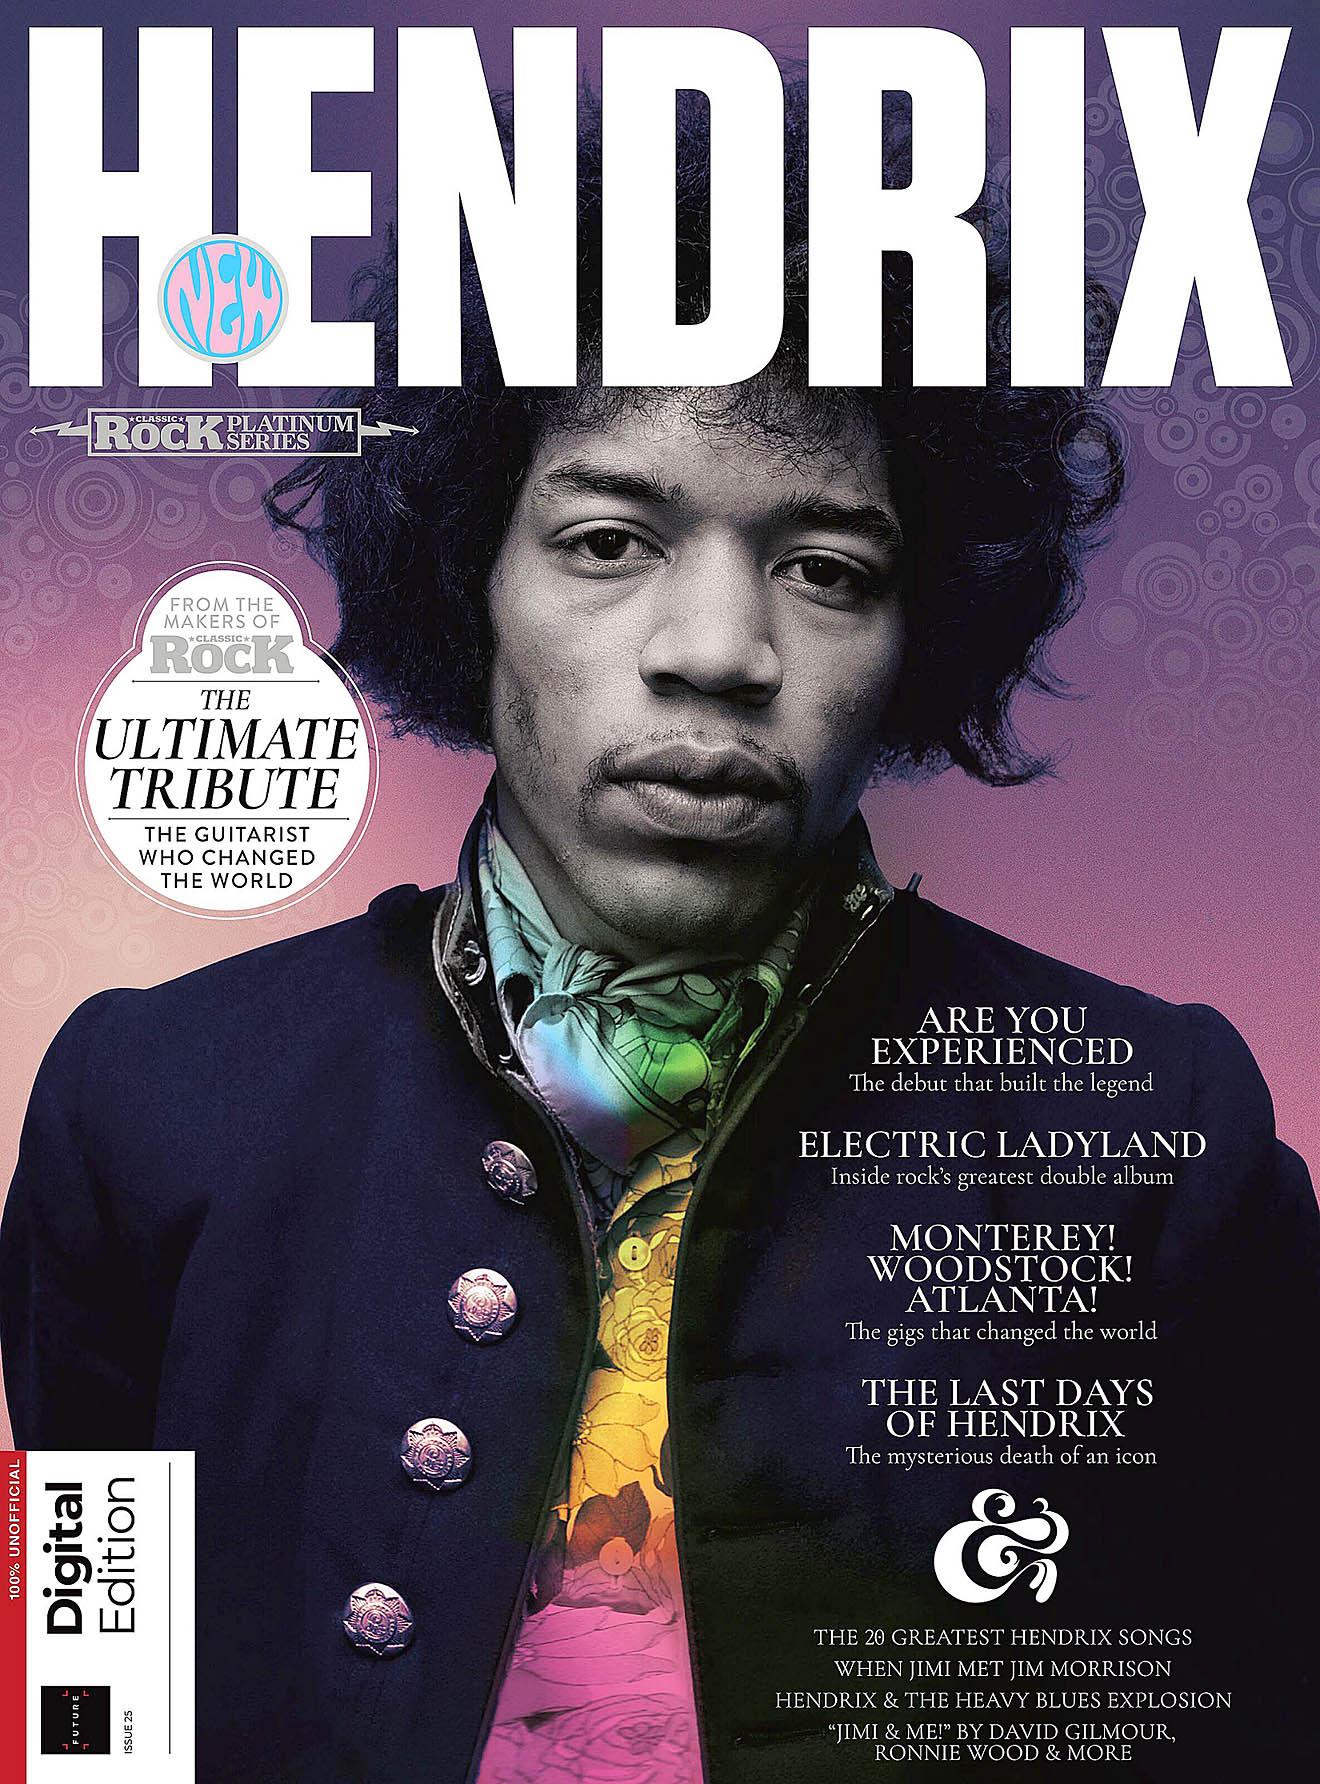 Classic Rock Sp 25 2021 Jimi Hendrix001.jpg